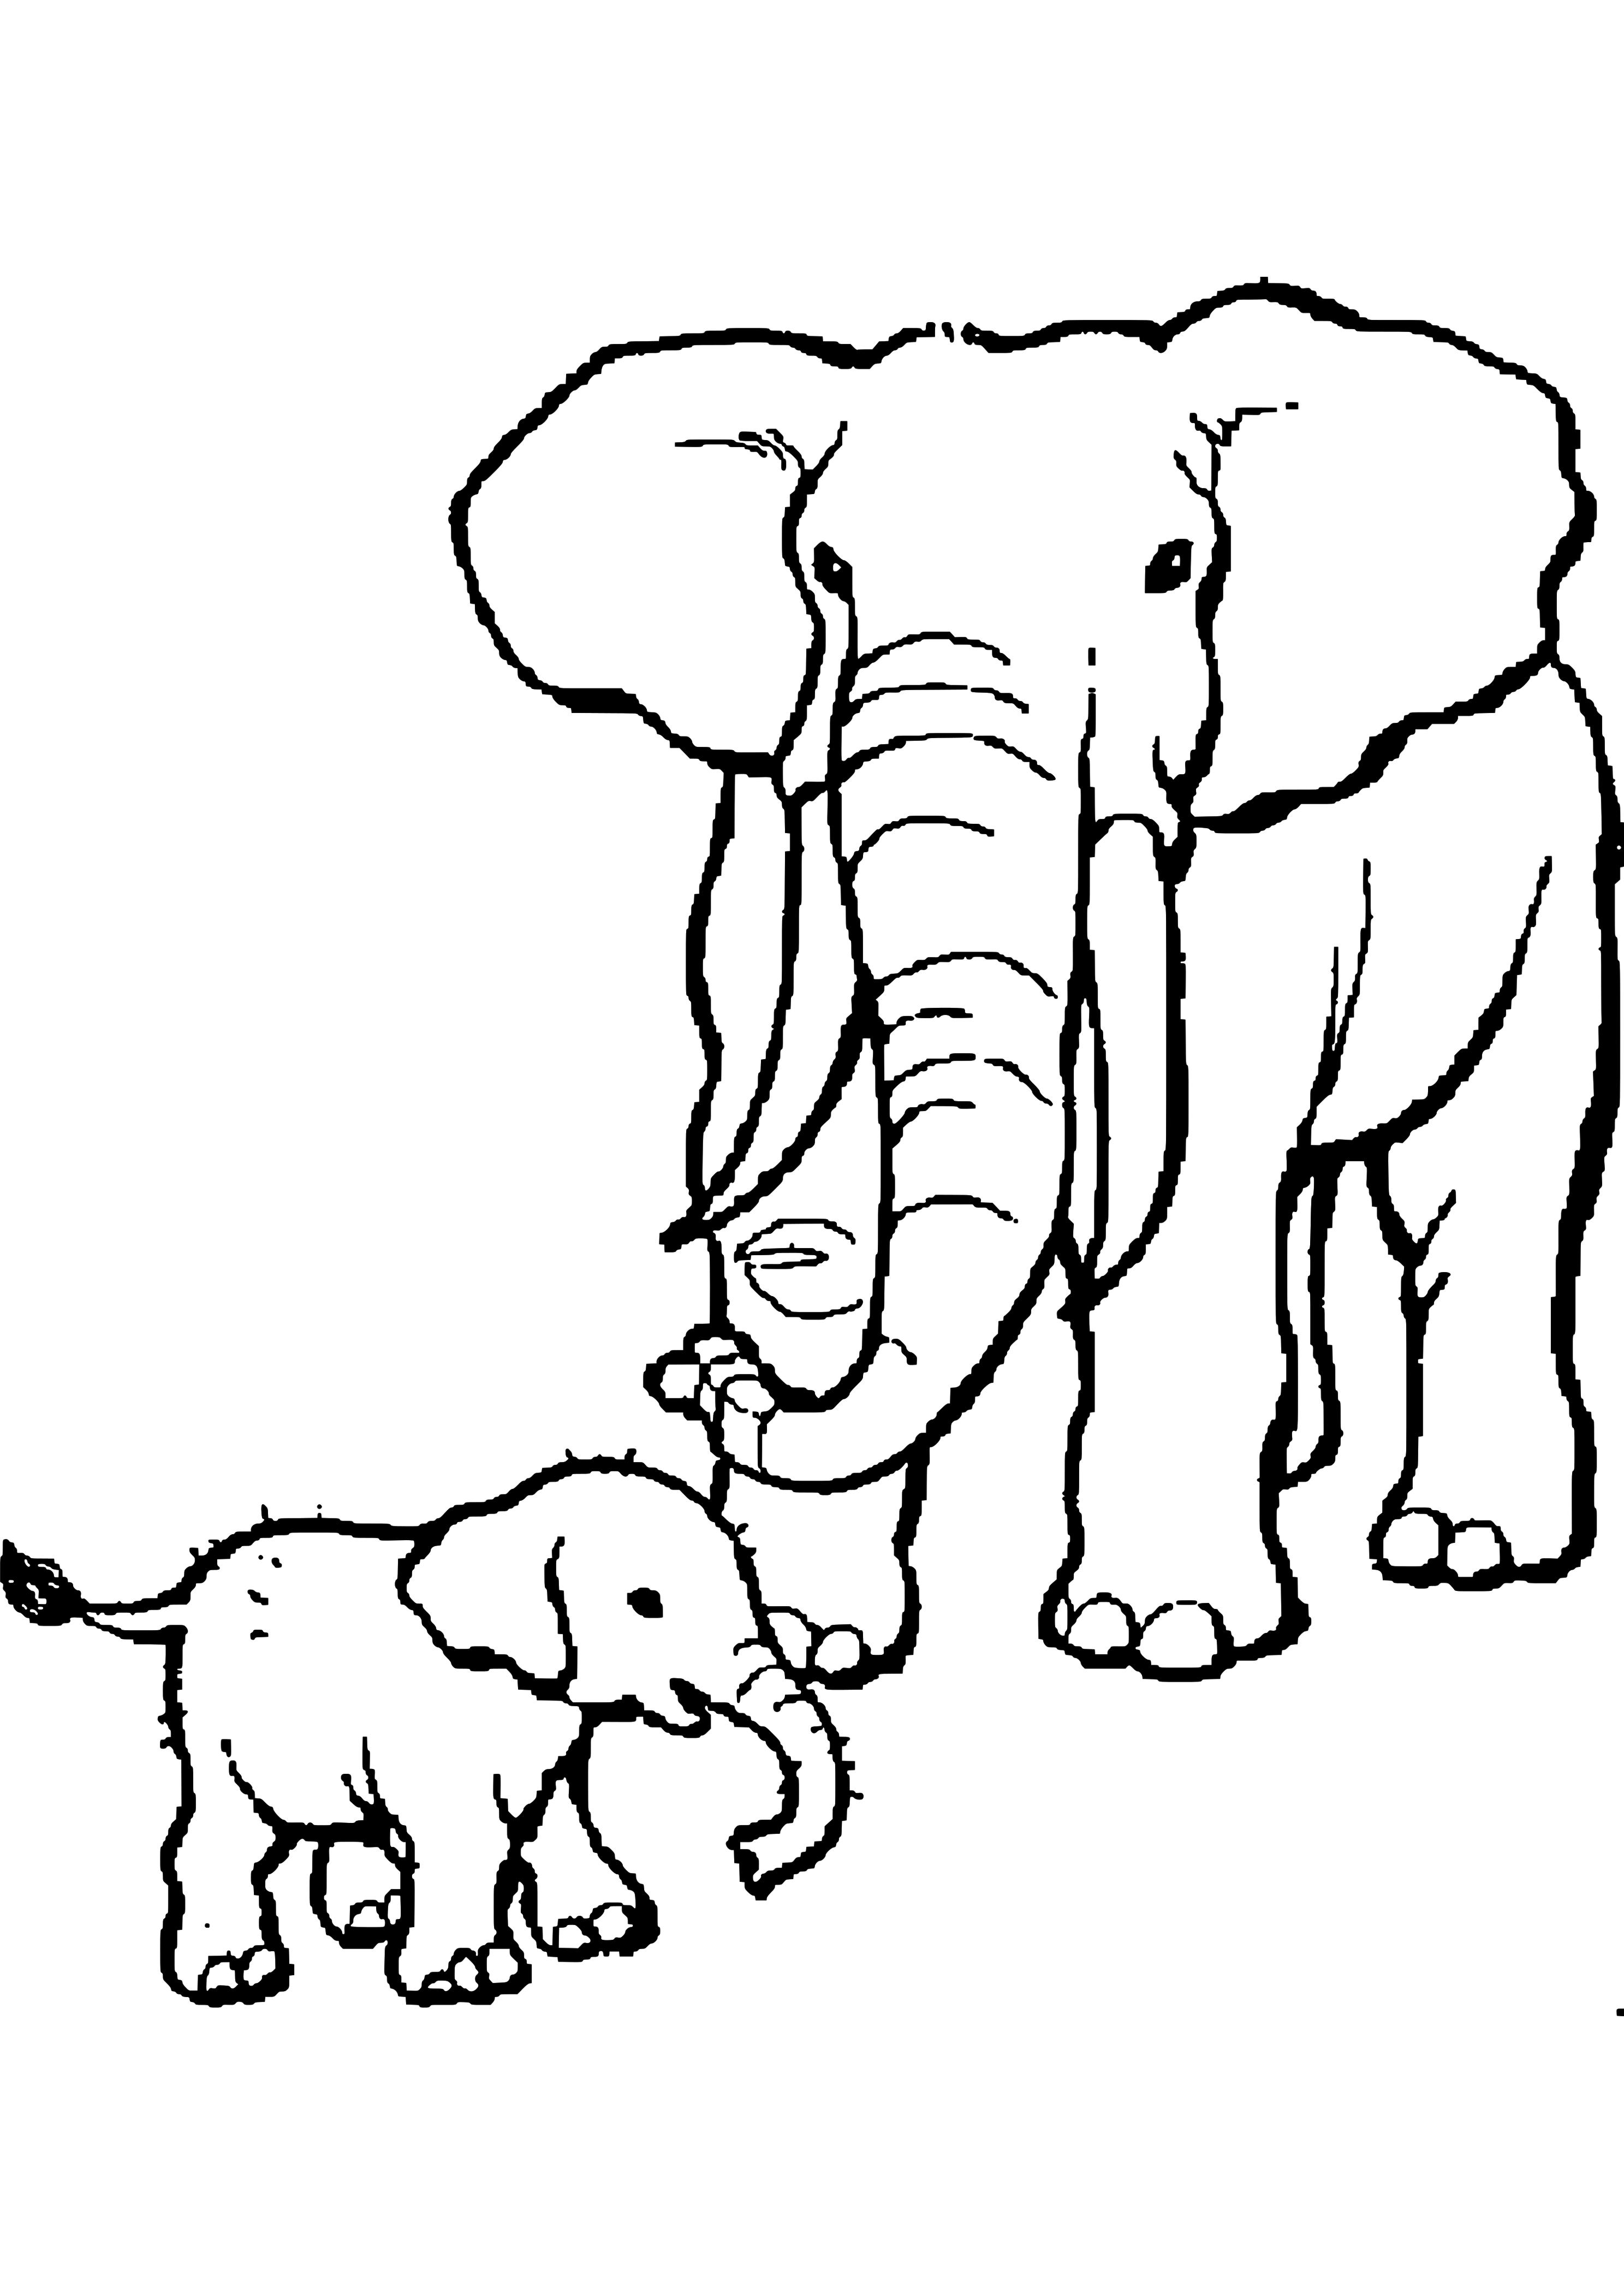 Ausmalbilder Elefantenbaby Https Www Ausmalbilder Co Ausmalbilder Elefantenbaby Elefant Ausmalbild Ausmalbilder Ausmalen